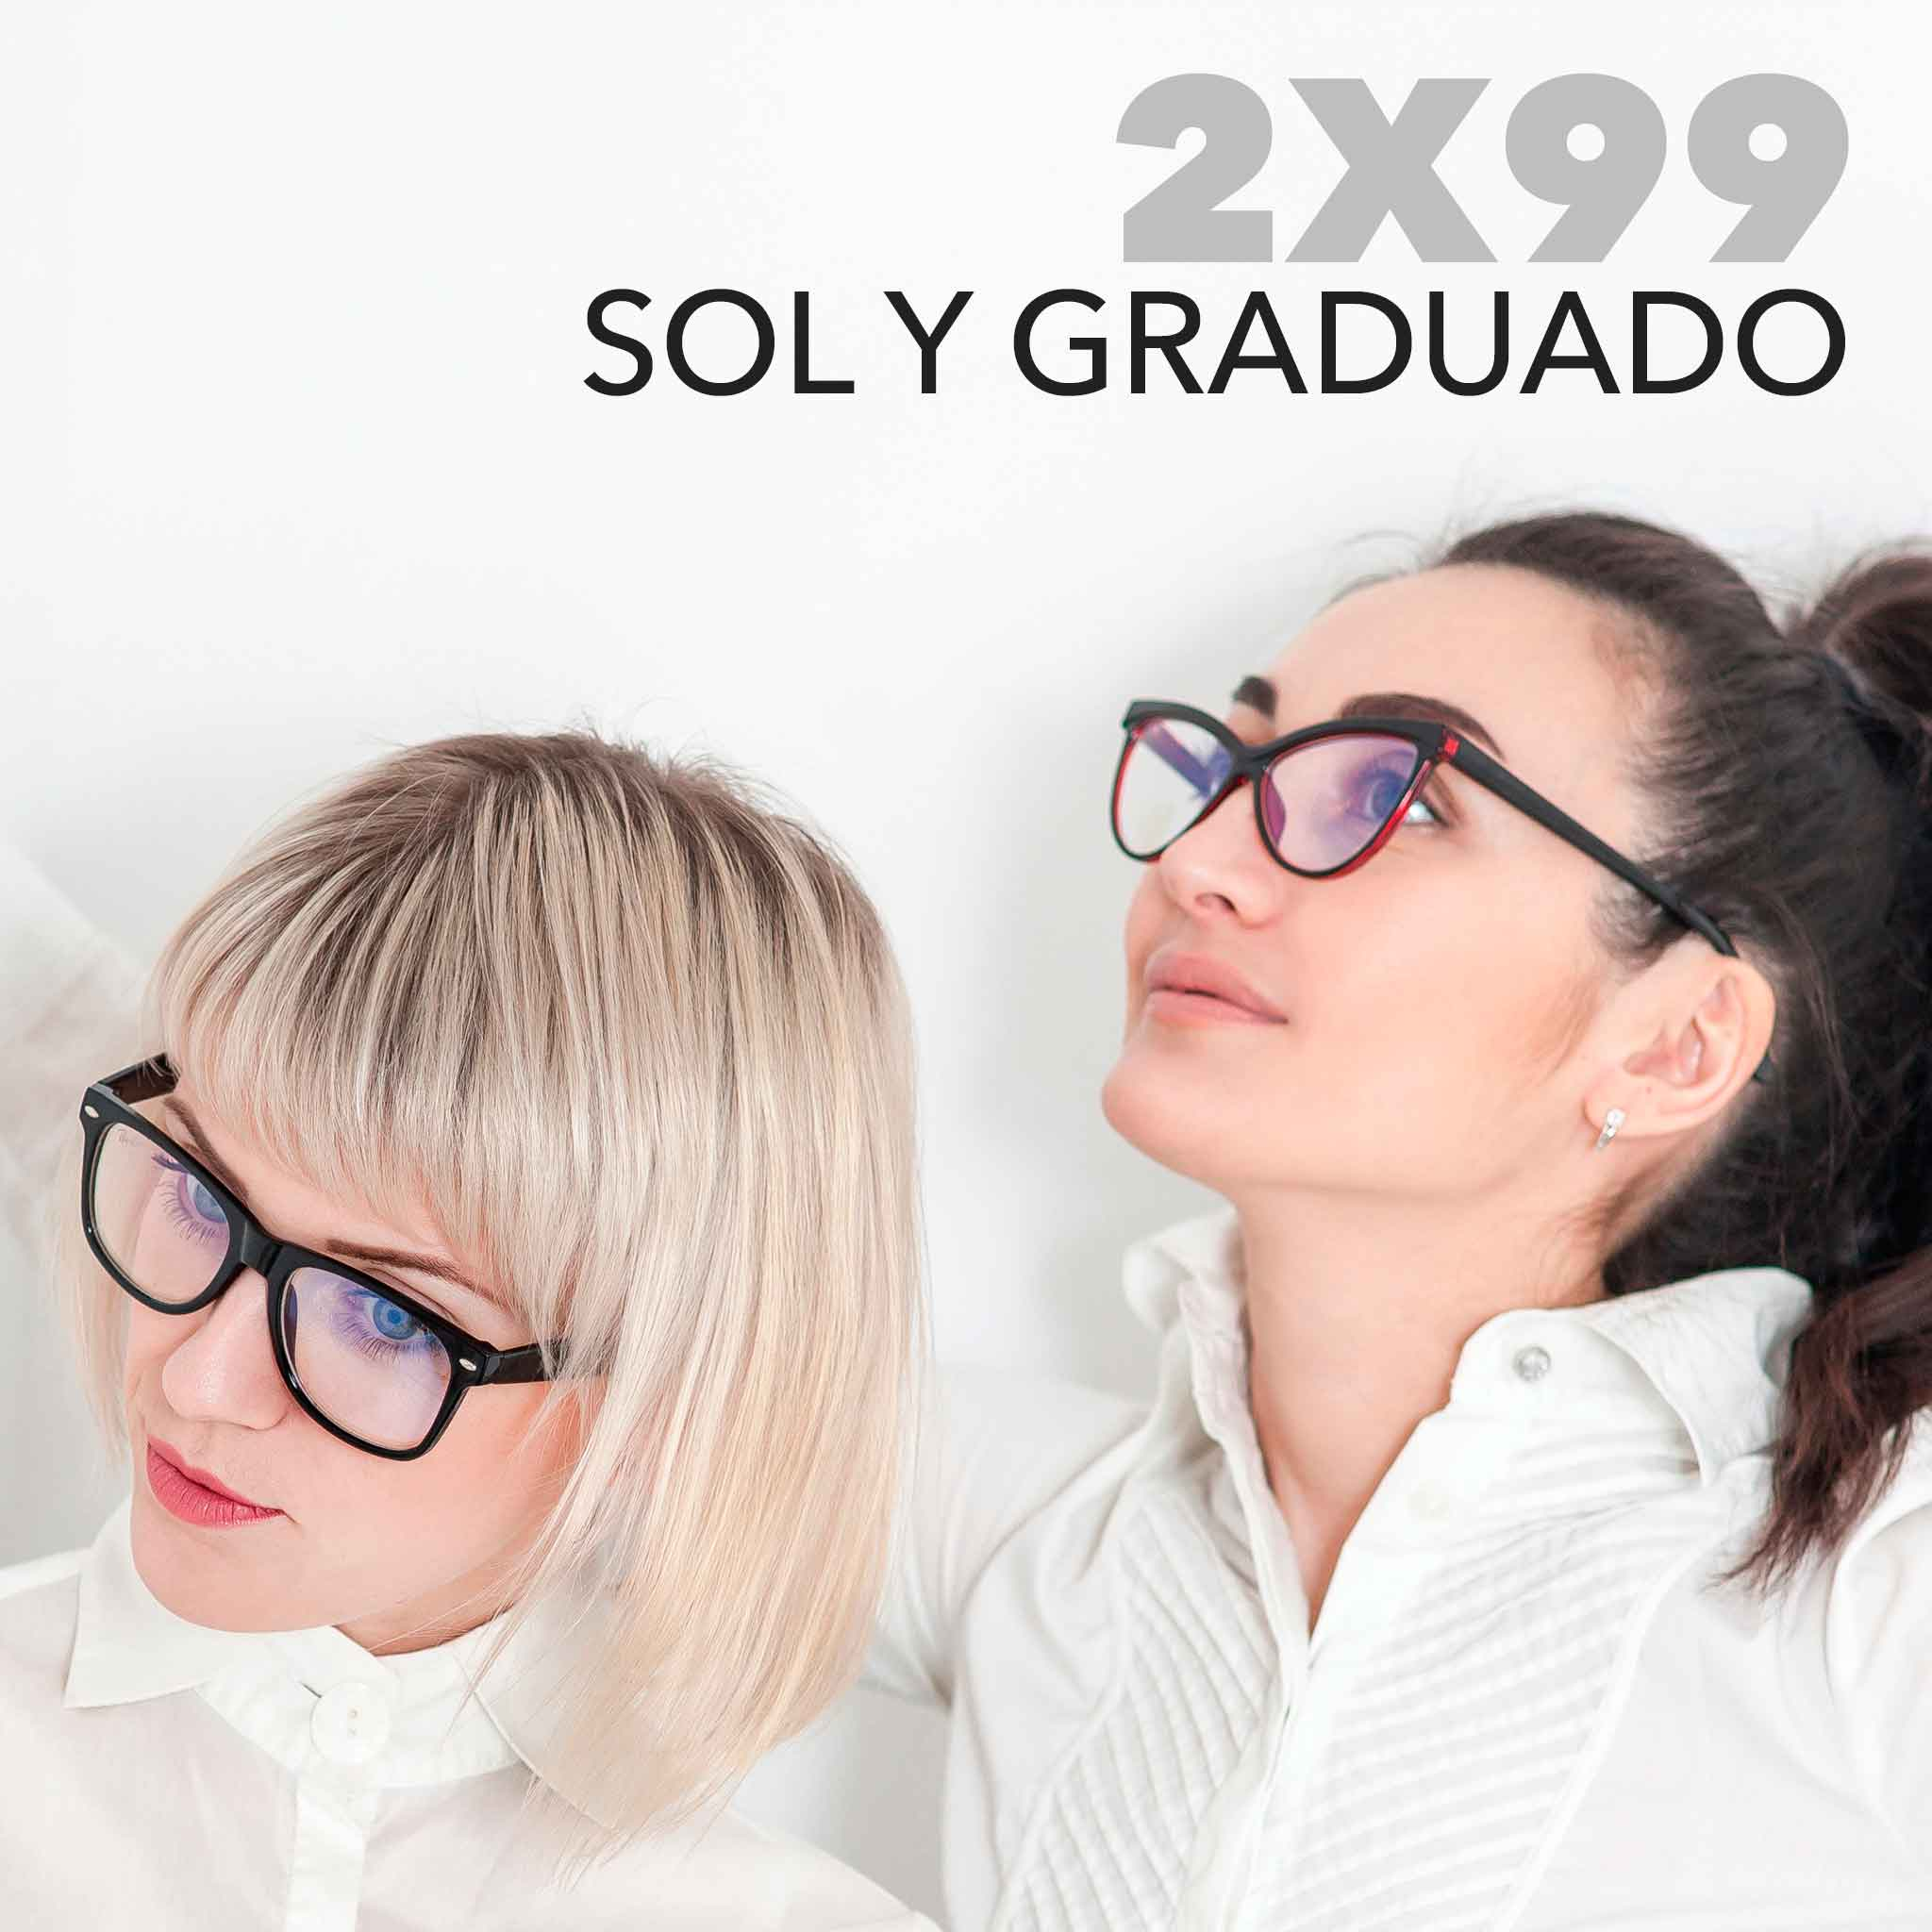 2x99graduado-www.opticasigloxxi.es